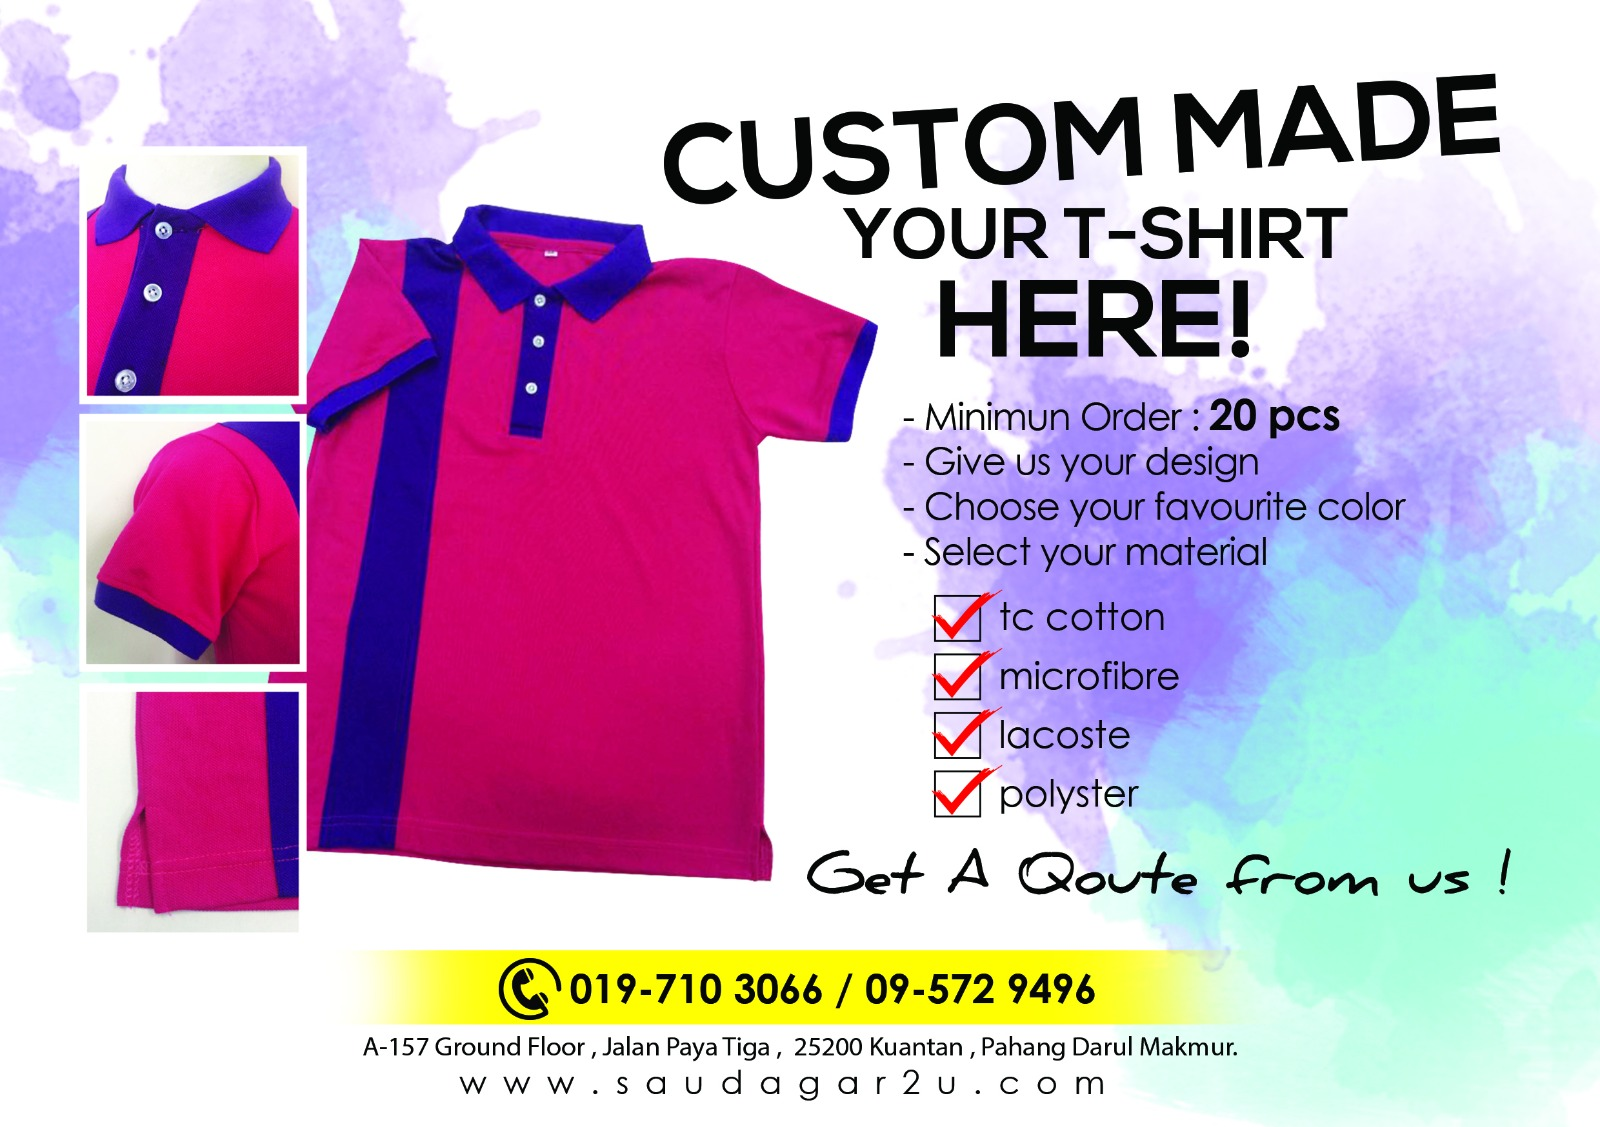 Black t shirt tambah lagi - Promosi Moq 20 Pieces